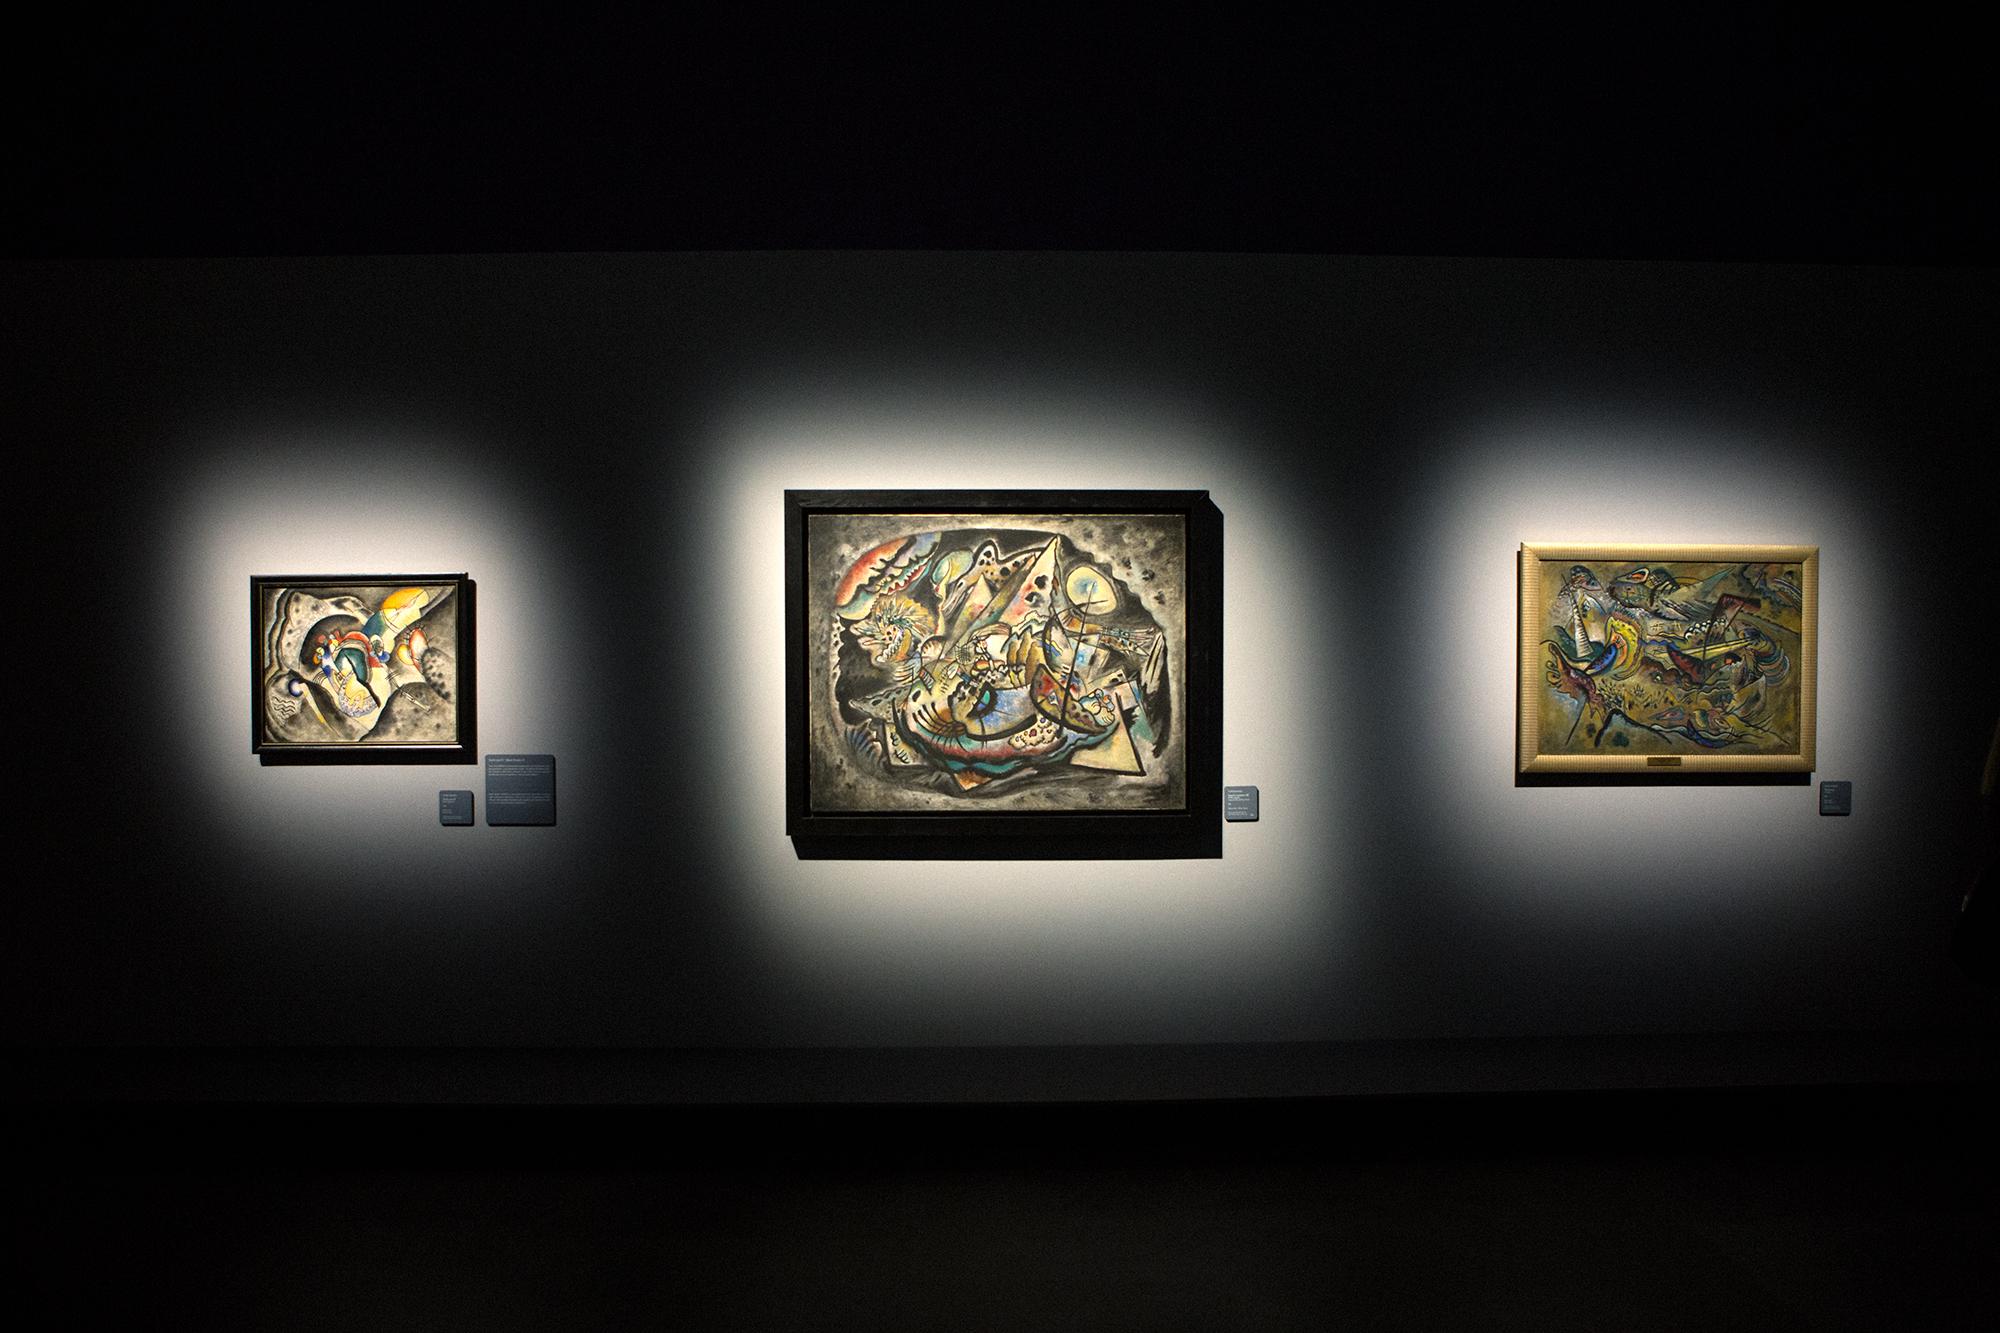 Vasilij Kandinskij è considerato l'artista che diede anima al colore. Tuttavia, prima di occuparsi seriamente di pittura, conseguì una laurea in giurisprudenza all'Università di Mosca. Ma a 30 anni decise di dedicarsi definitivamente alla pittura